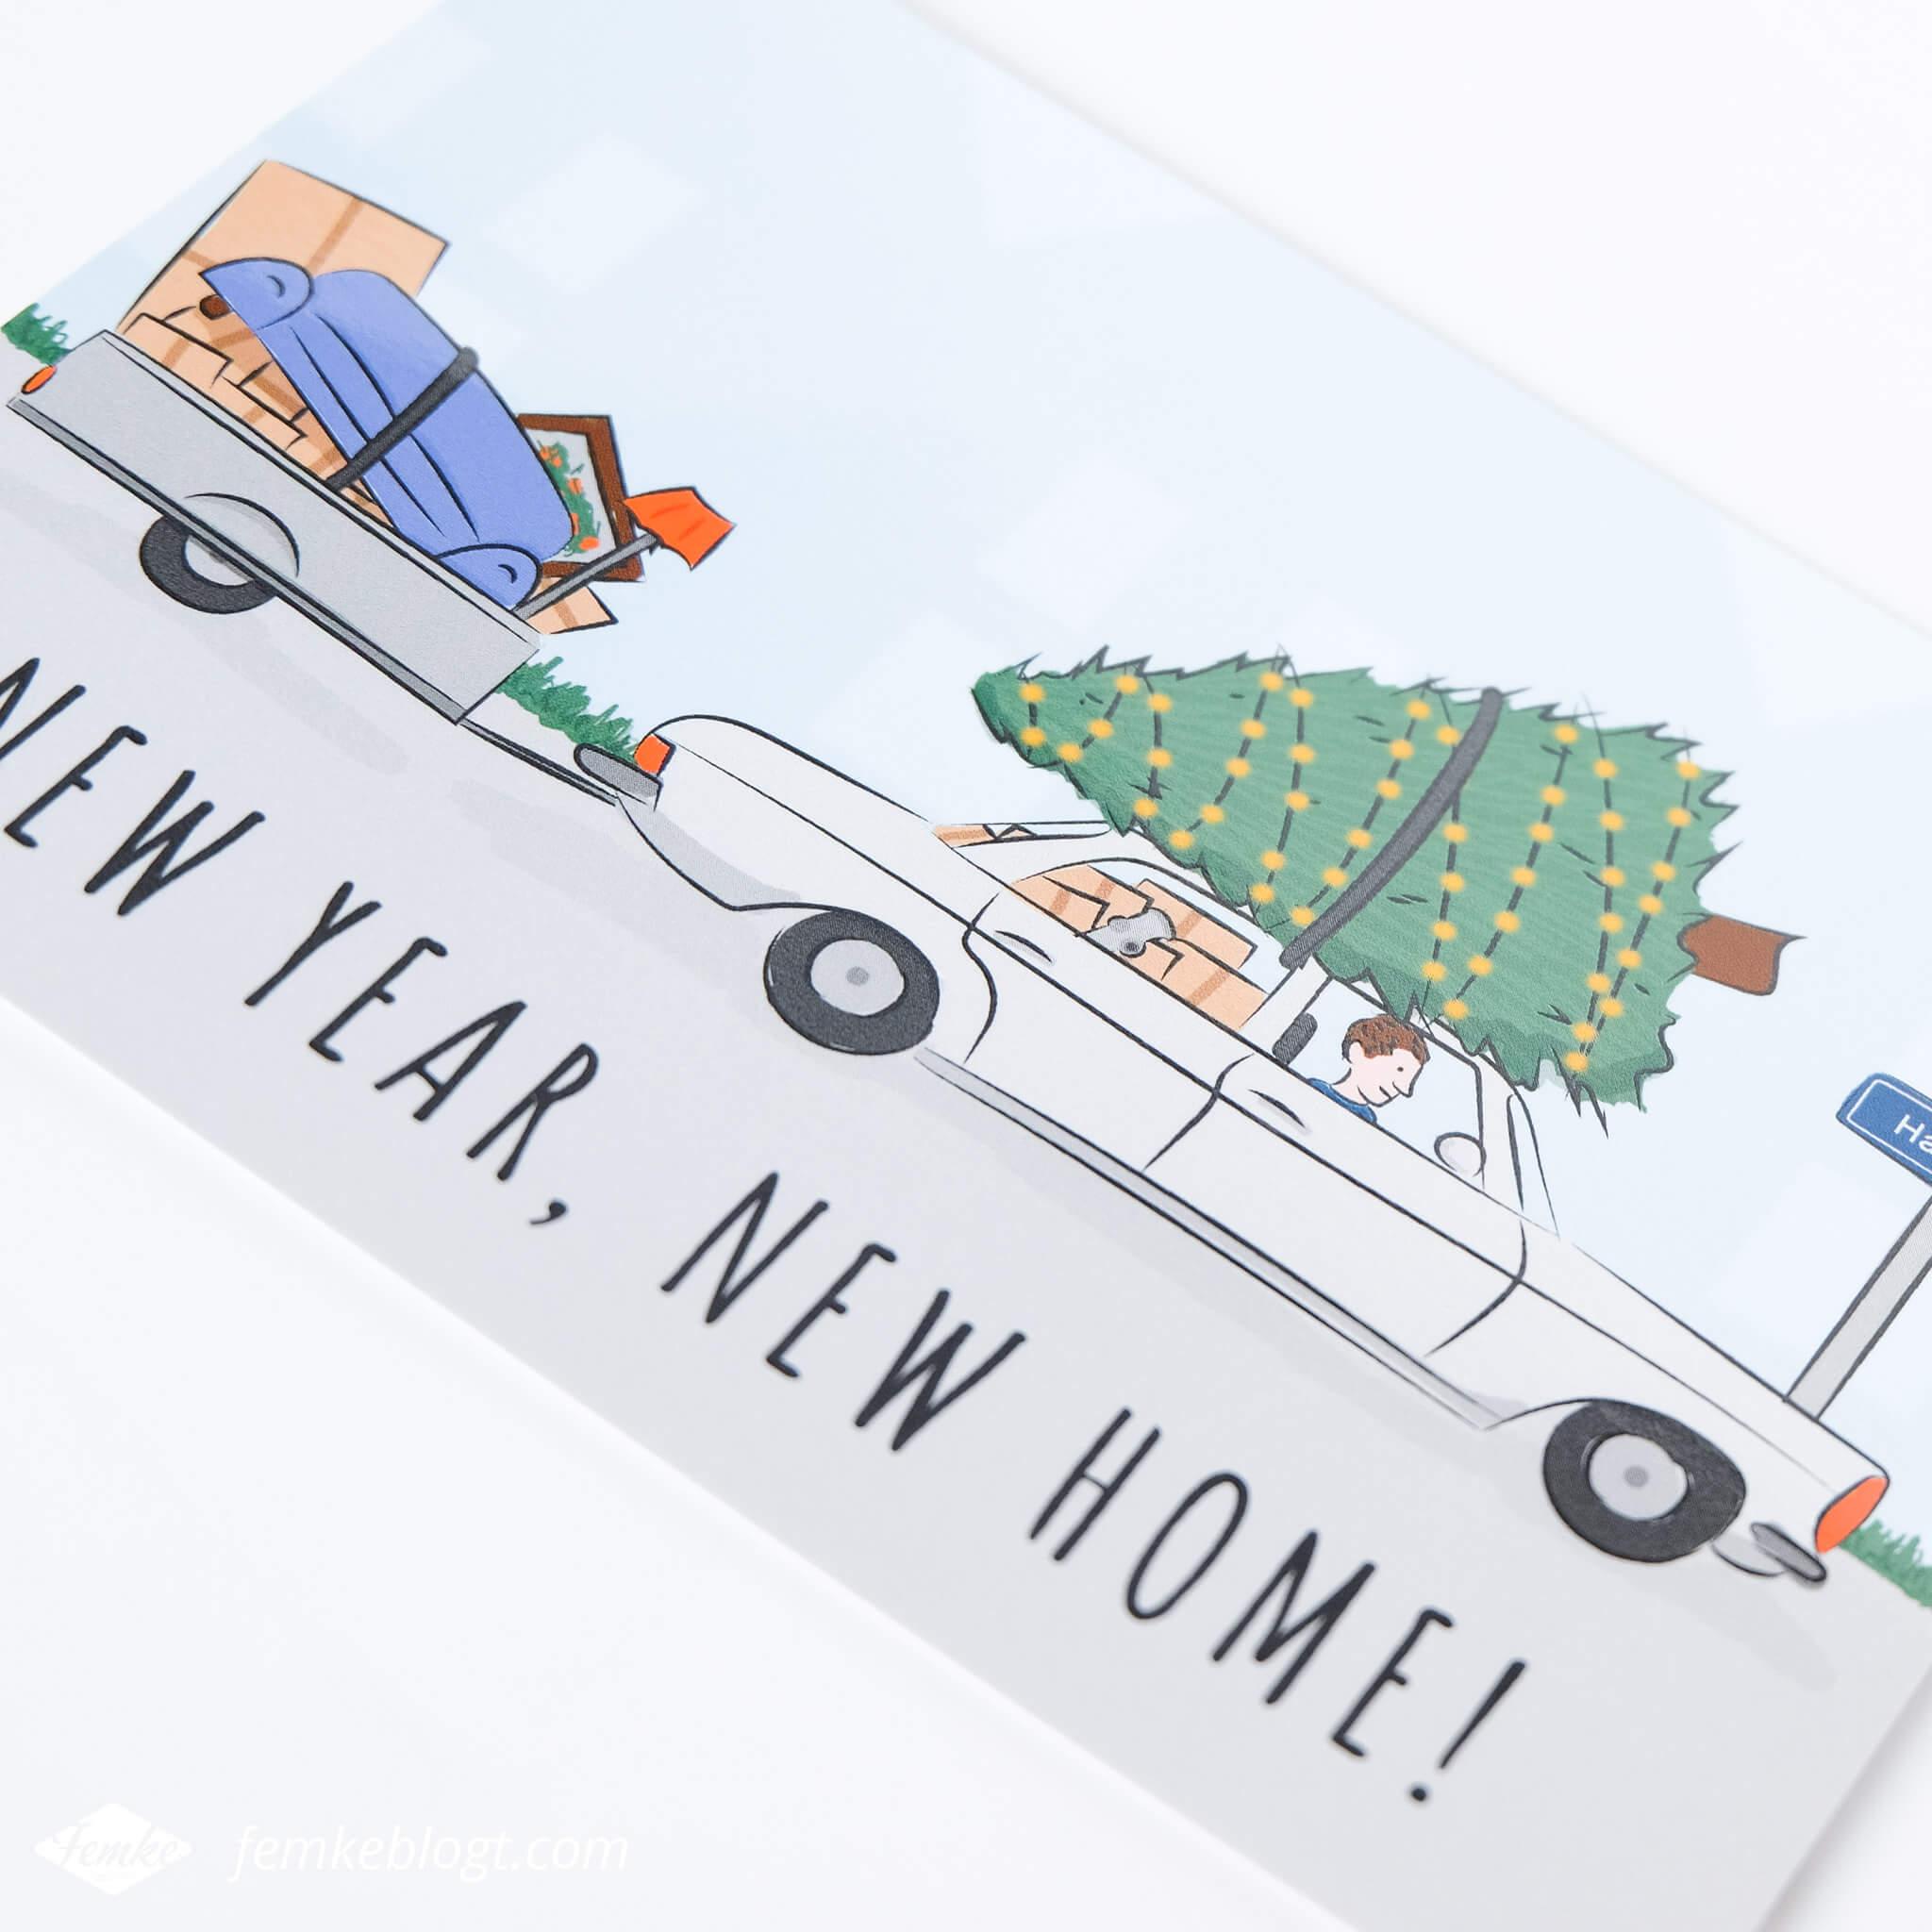 Verhuiskaart ontwerp New year, new home! | De voorkant van de verhuiskaart met daarop een illustratie van een auto en de tekst 'New year, new home!'